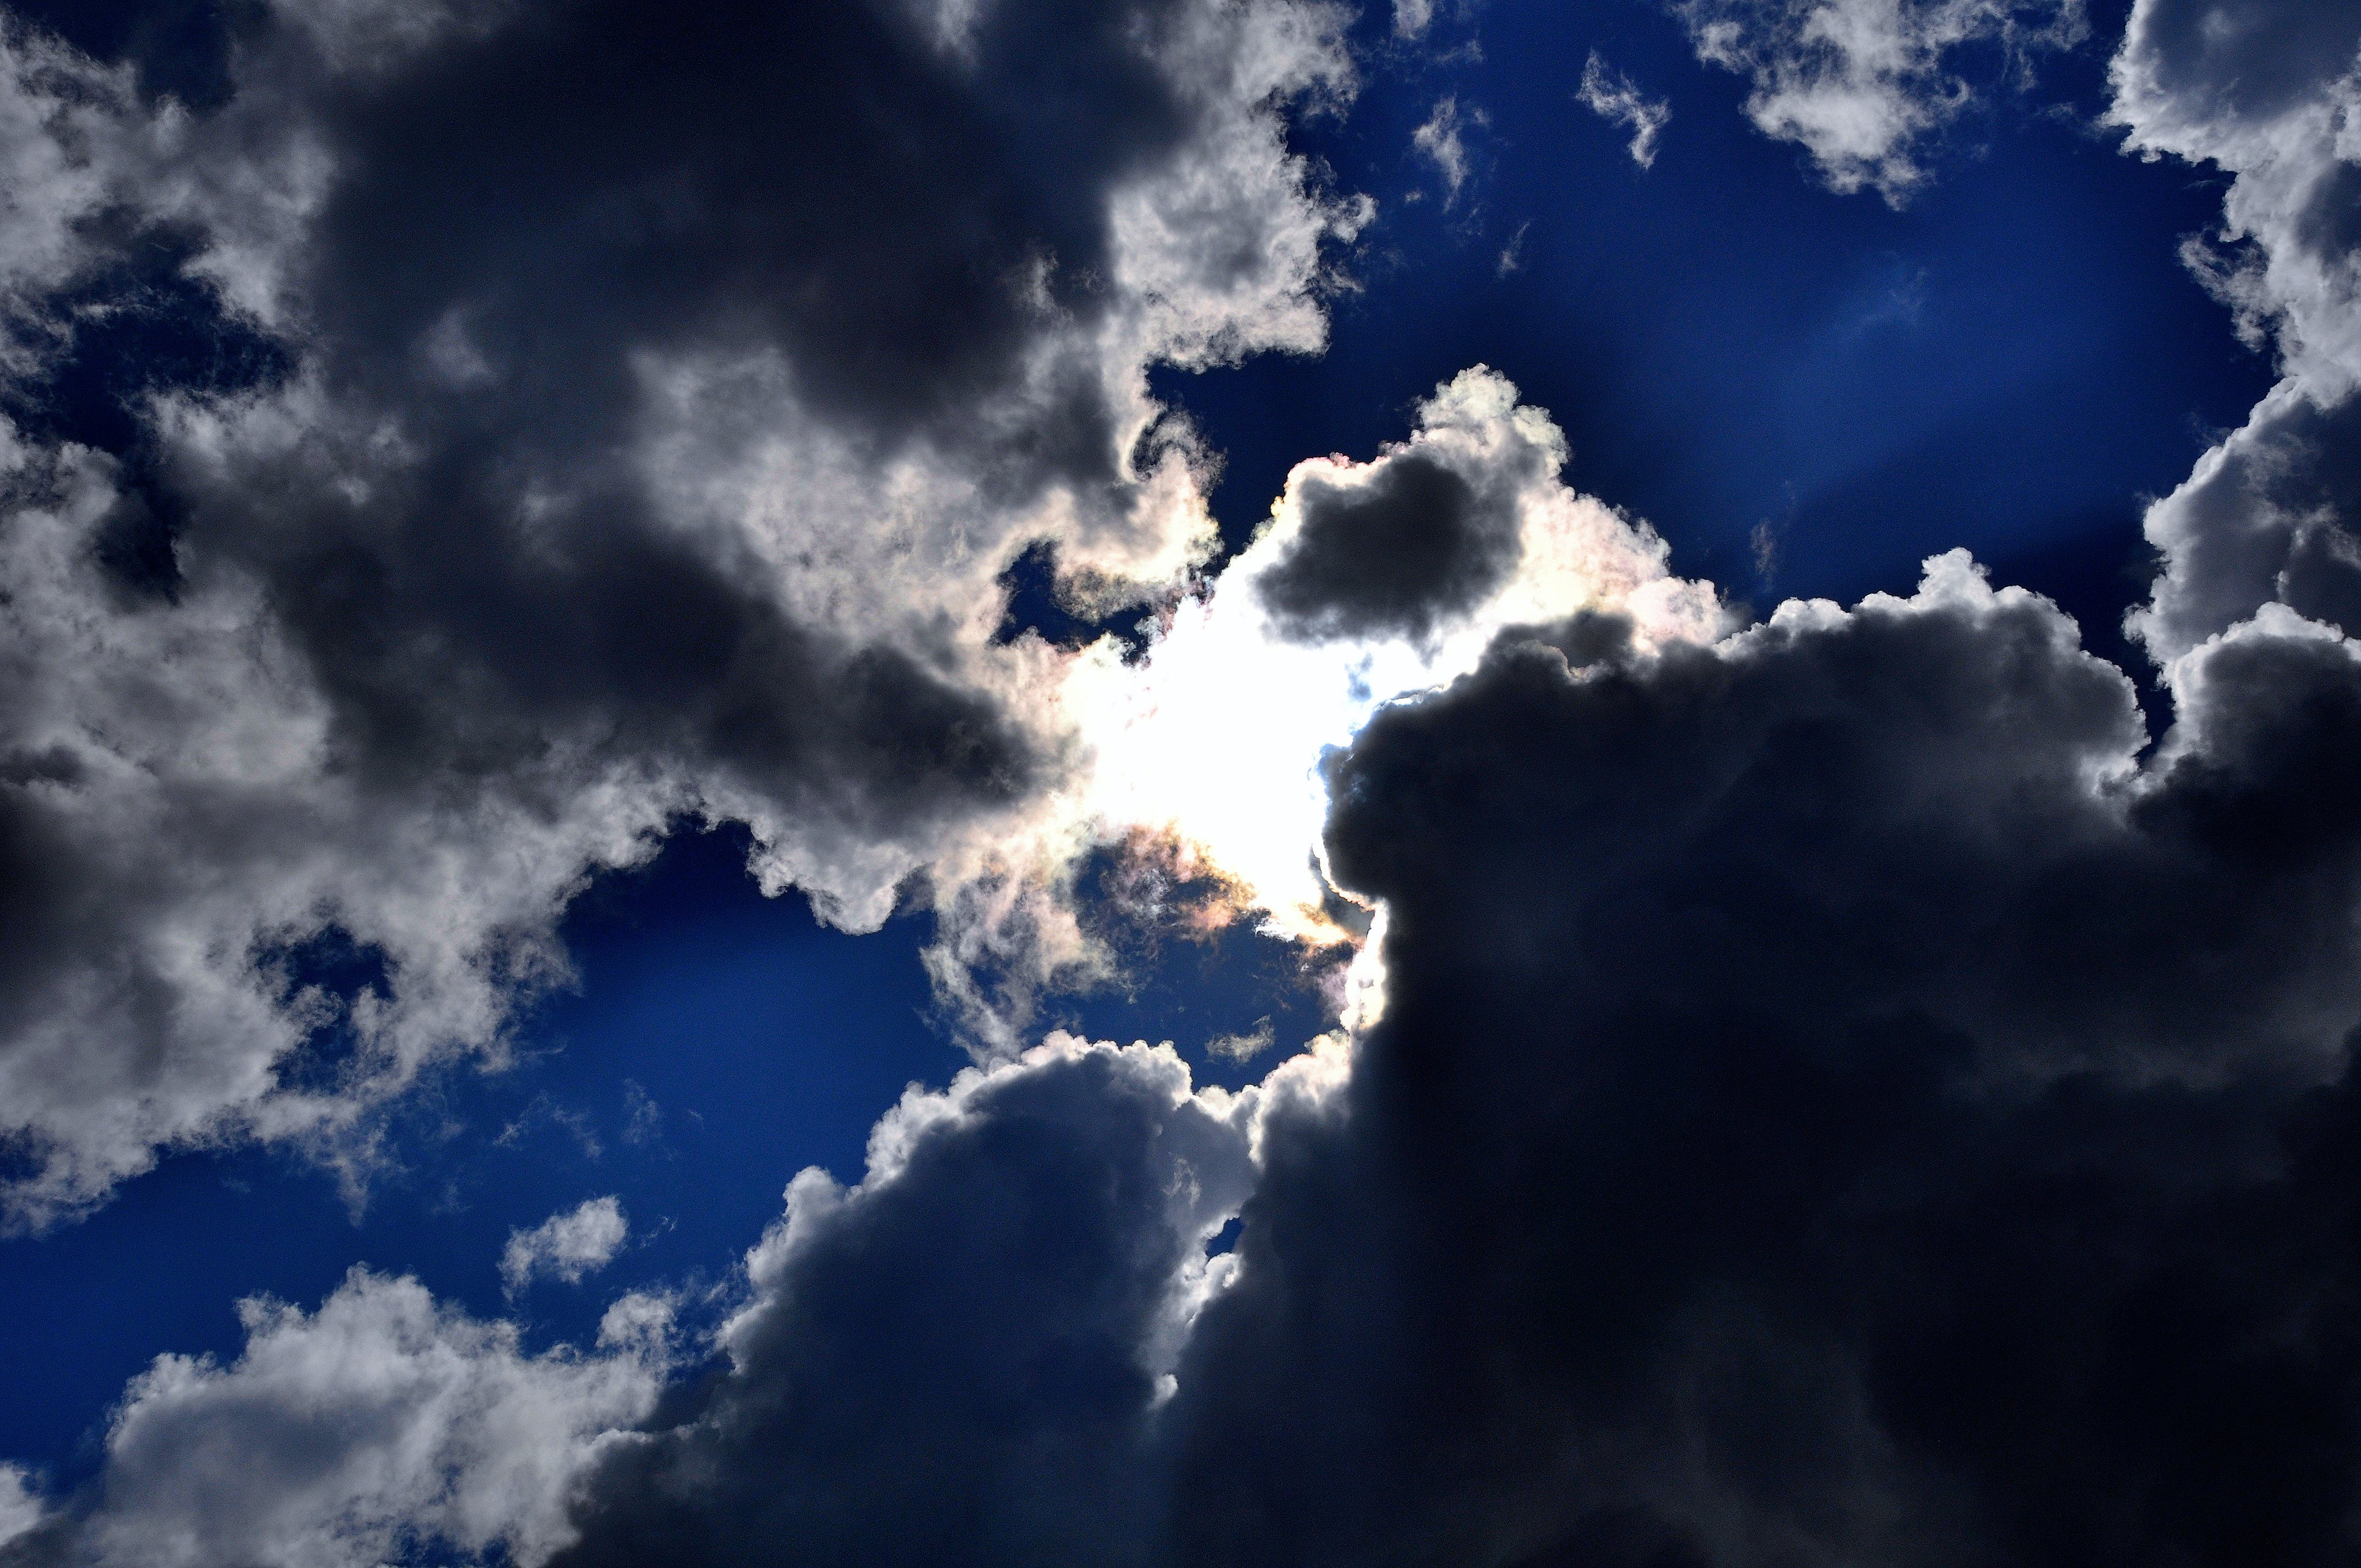 Kostnadsfri bild av moln, Mörk himmel, Sol